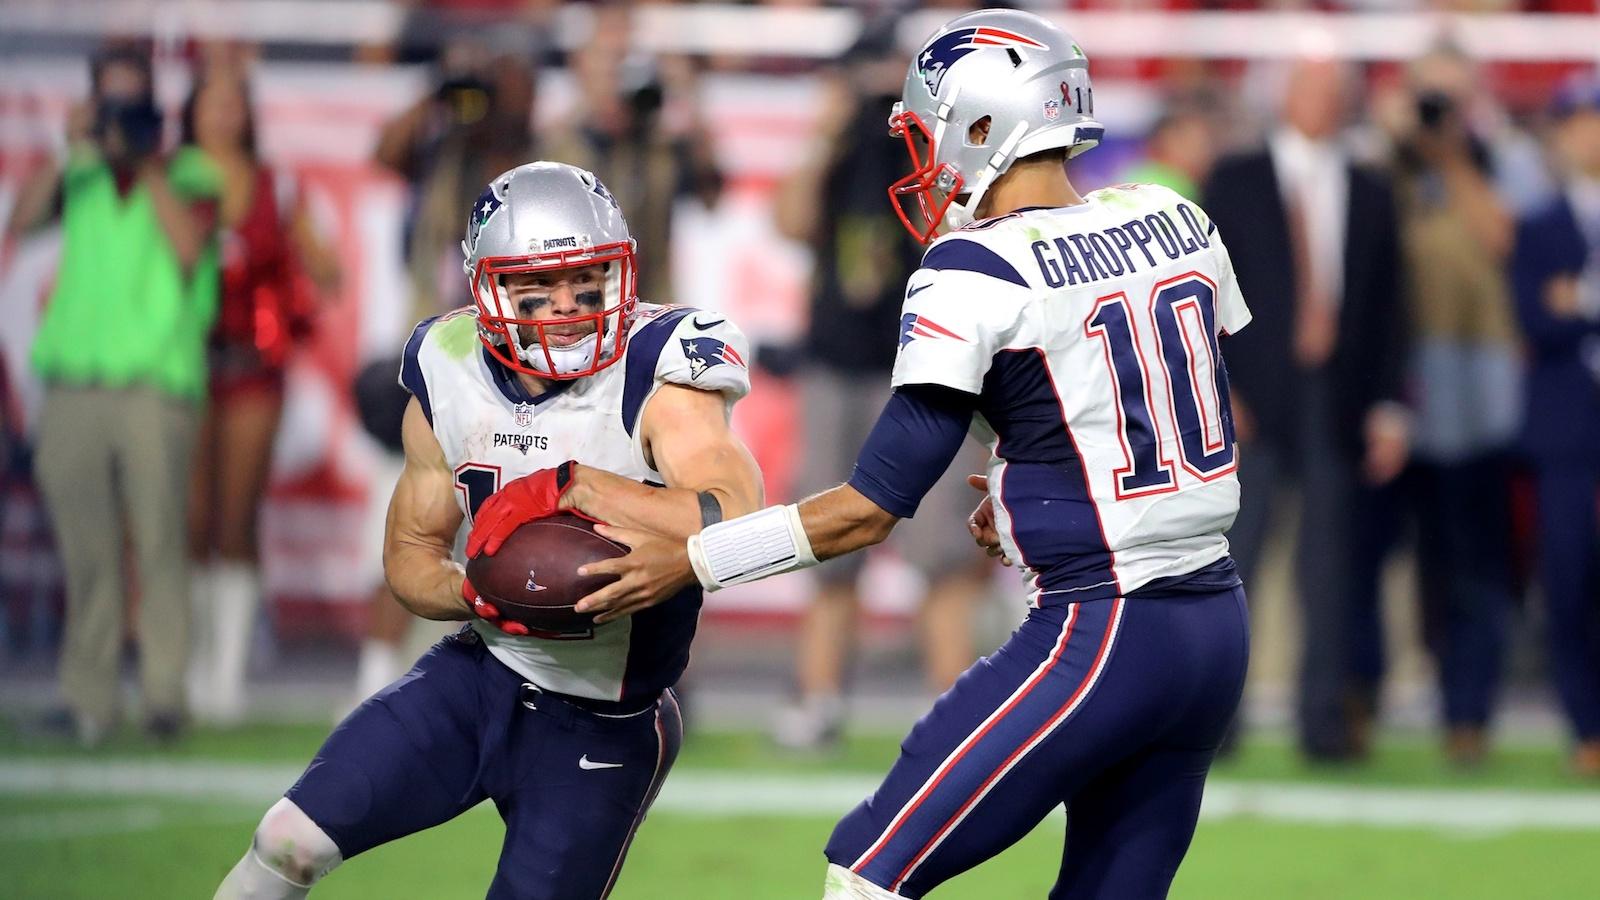 040317-NFL-Patriots-Jimmy-Garoppolo-Julian-Edelman